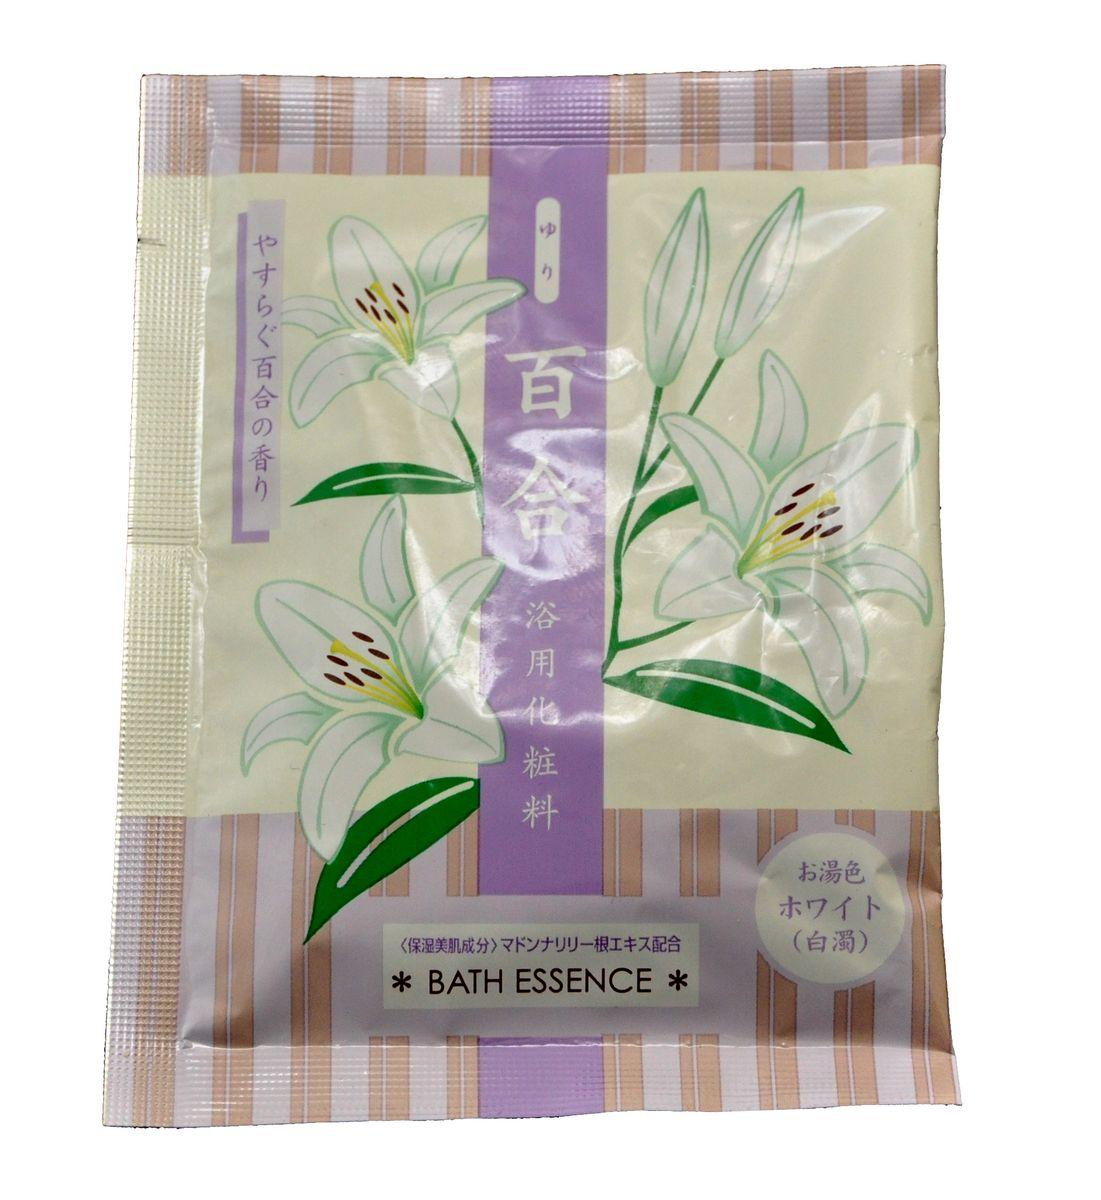 Max Соль для ванны увлажняющая с экстрактом лилии, 25 г015137Соль для ванны с экстрактом клубней белой лилии снимает усталость, увлажняет кожу, смягчает, придает ей упругость и эластичность. Экстракт лилии защищает кожу от неблагоприятных воздействий окружающей среды, снимает воспаление и красноту, успокаивает раздраженную кожу, обладает регенерирующими свойствами. Ароматный пар и нежный цвет воды улучшают настроение, успокаивают, создают атмосферу уюта и комфорта.